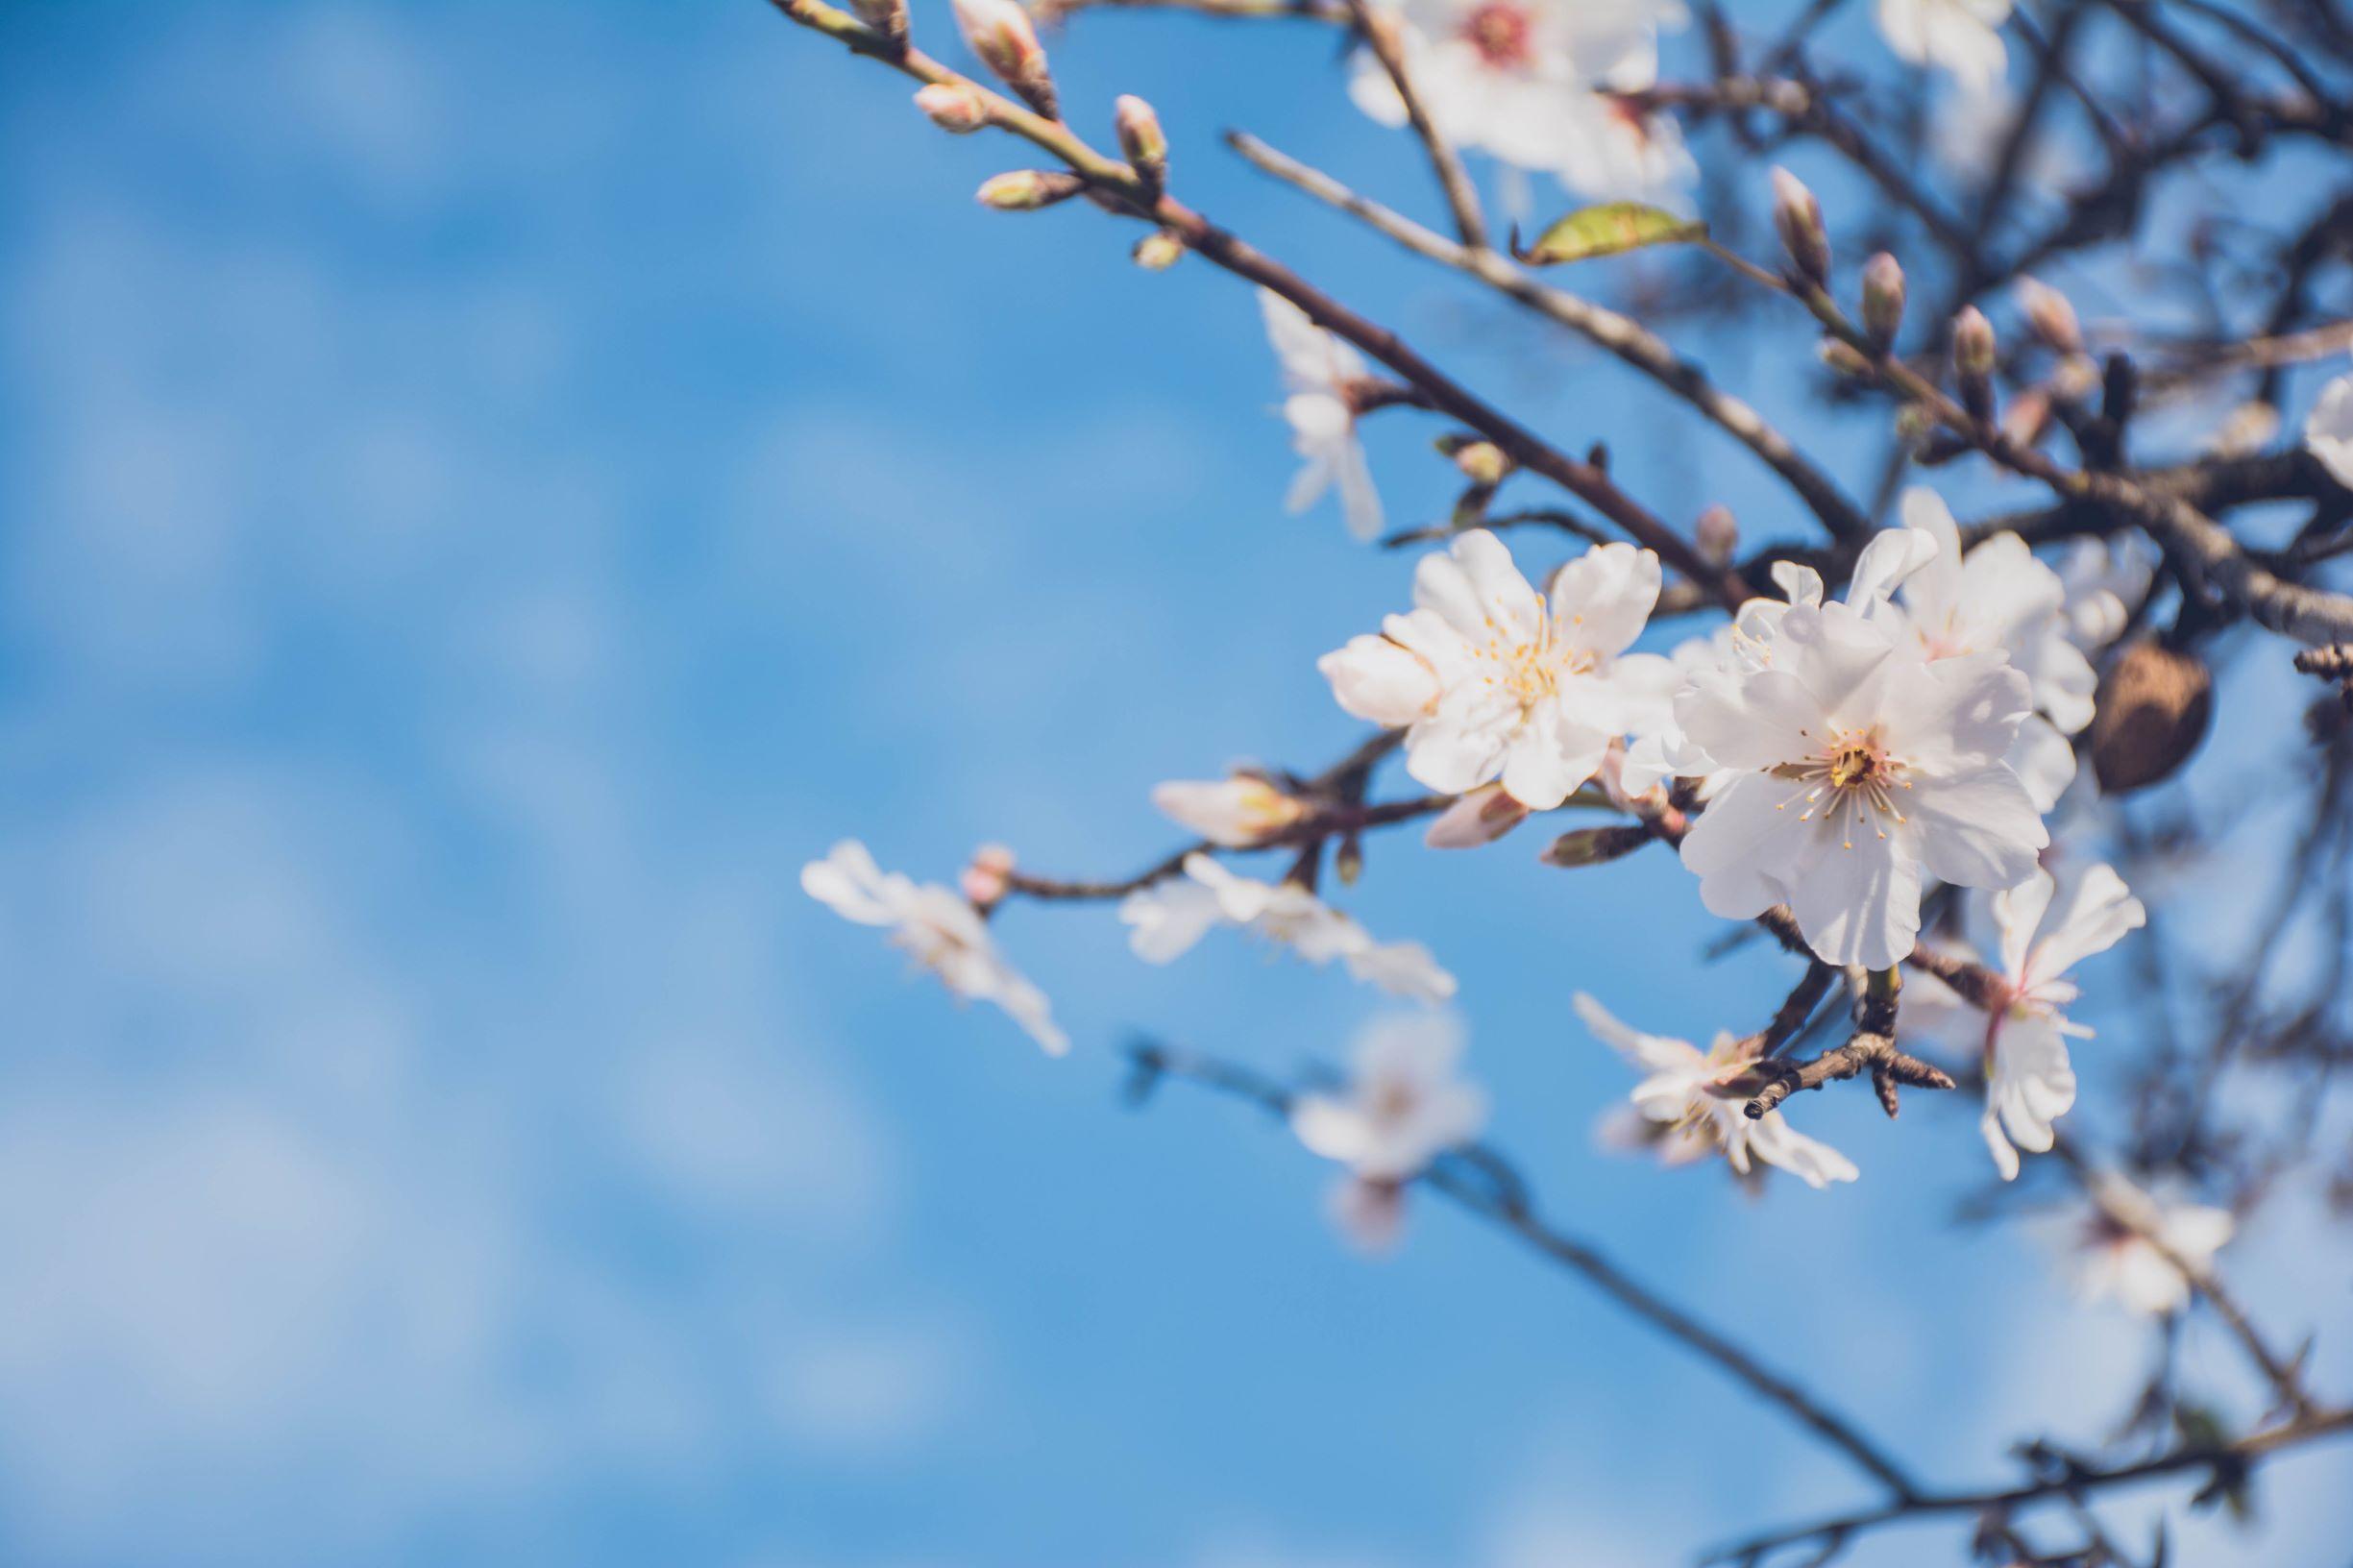 Husk: Registrer dig til forårsmødet den 17. april